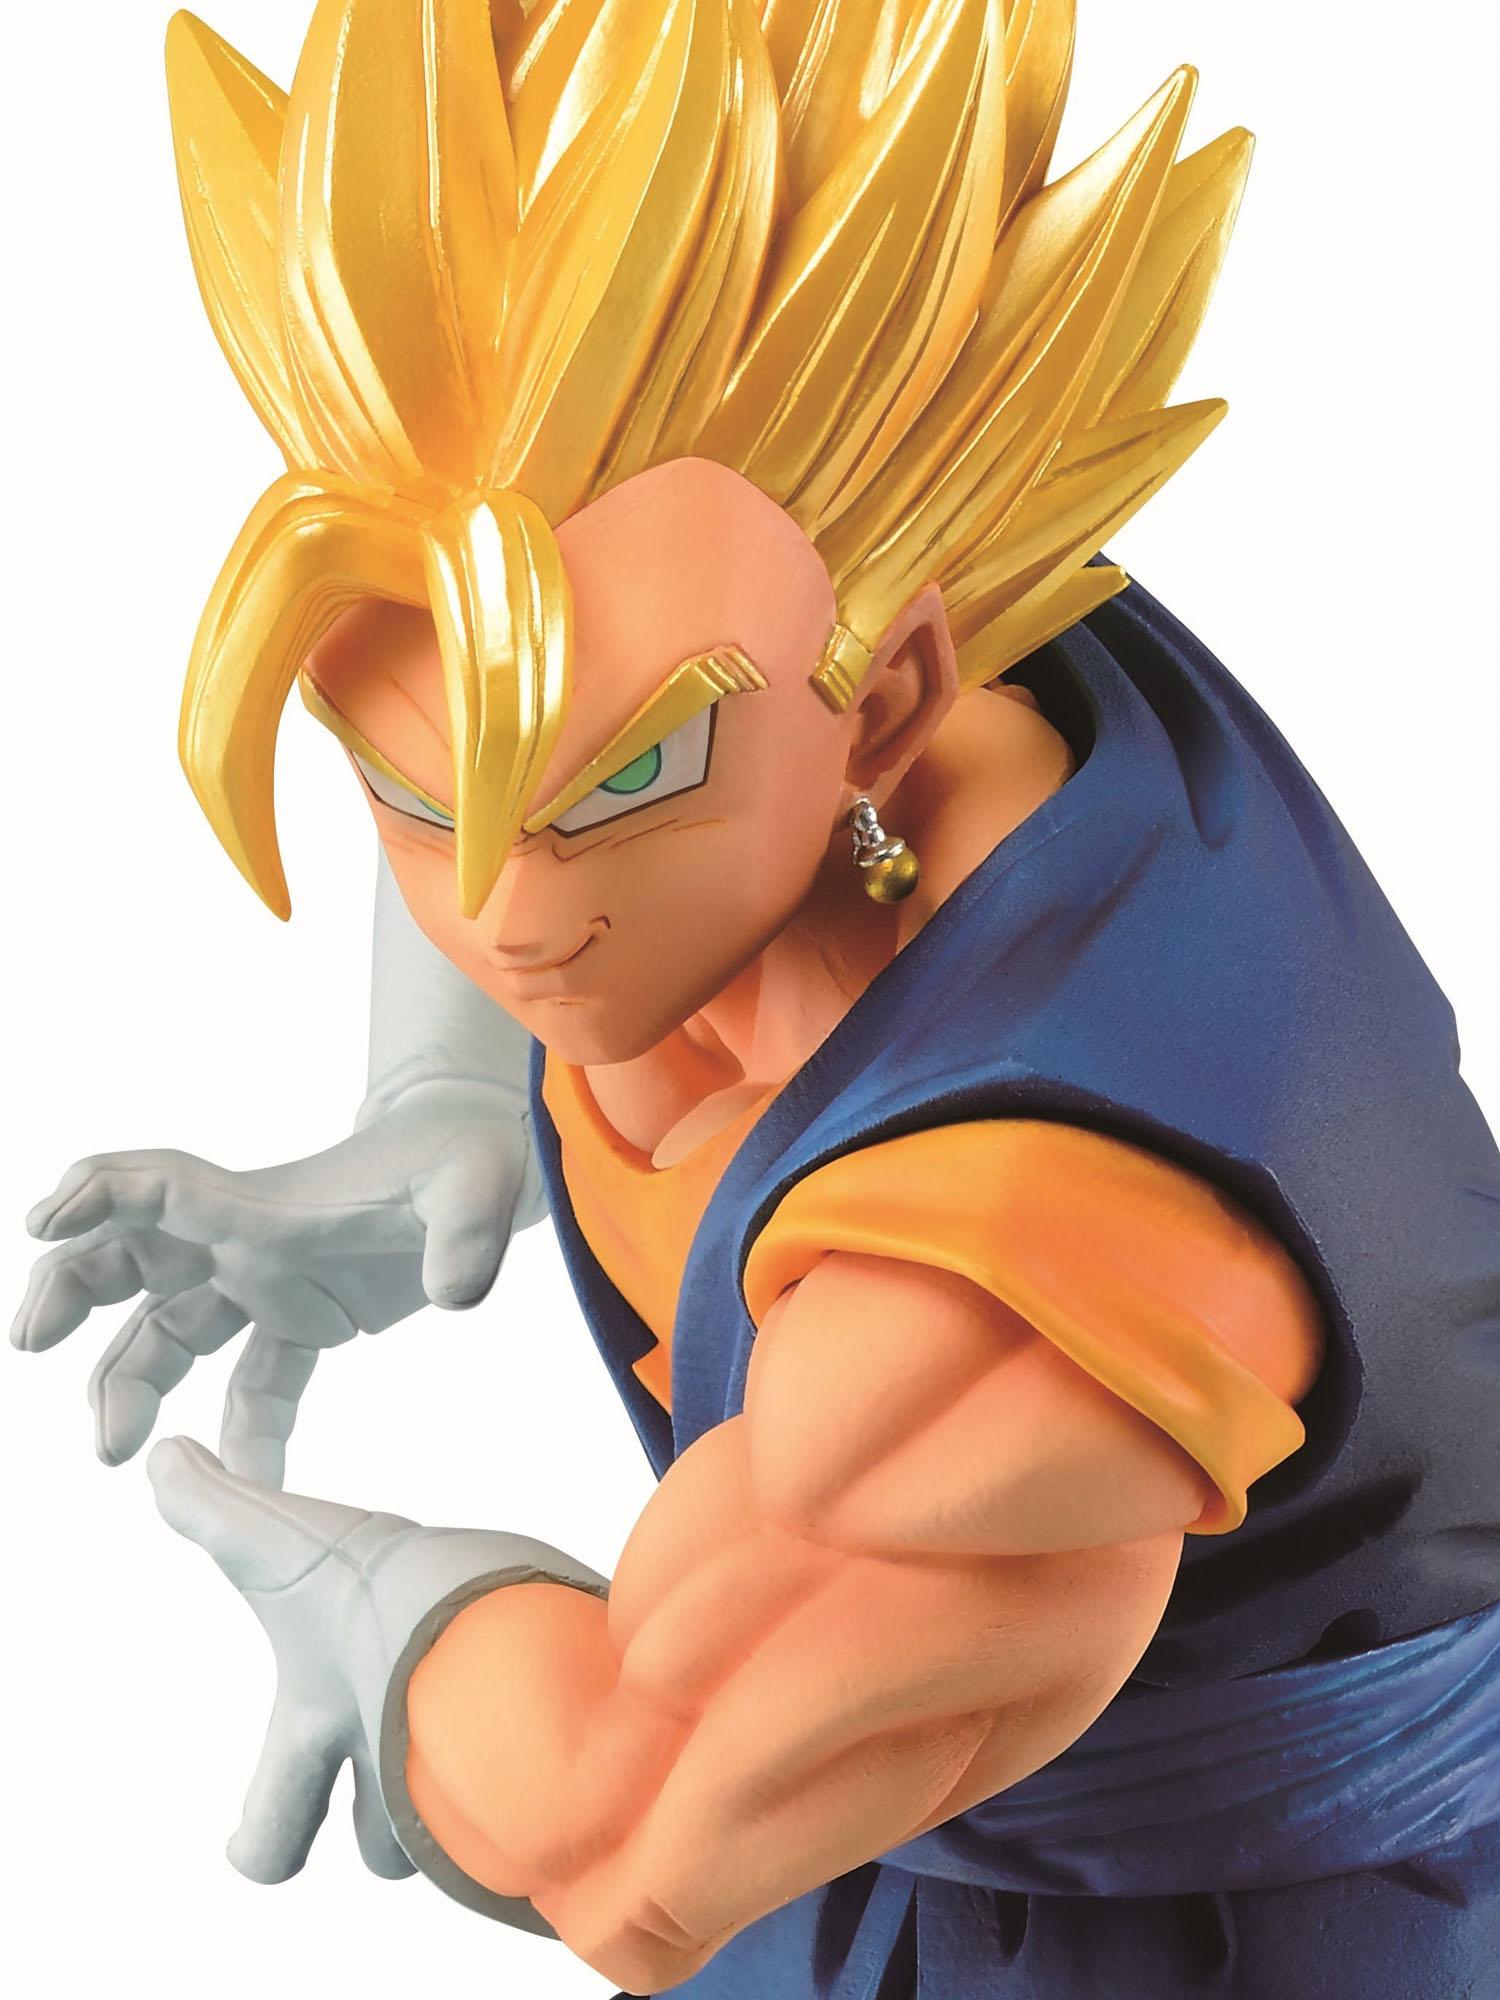 ドラゴンボールフィギュアレビューブログのナムコ限定ドラゴンボール超 最強合体戦士ベジット-ファイナルかめはめ波!!-